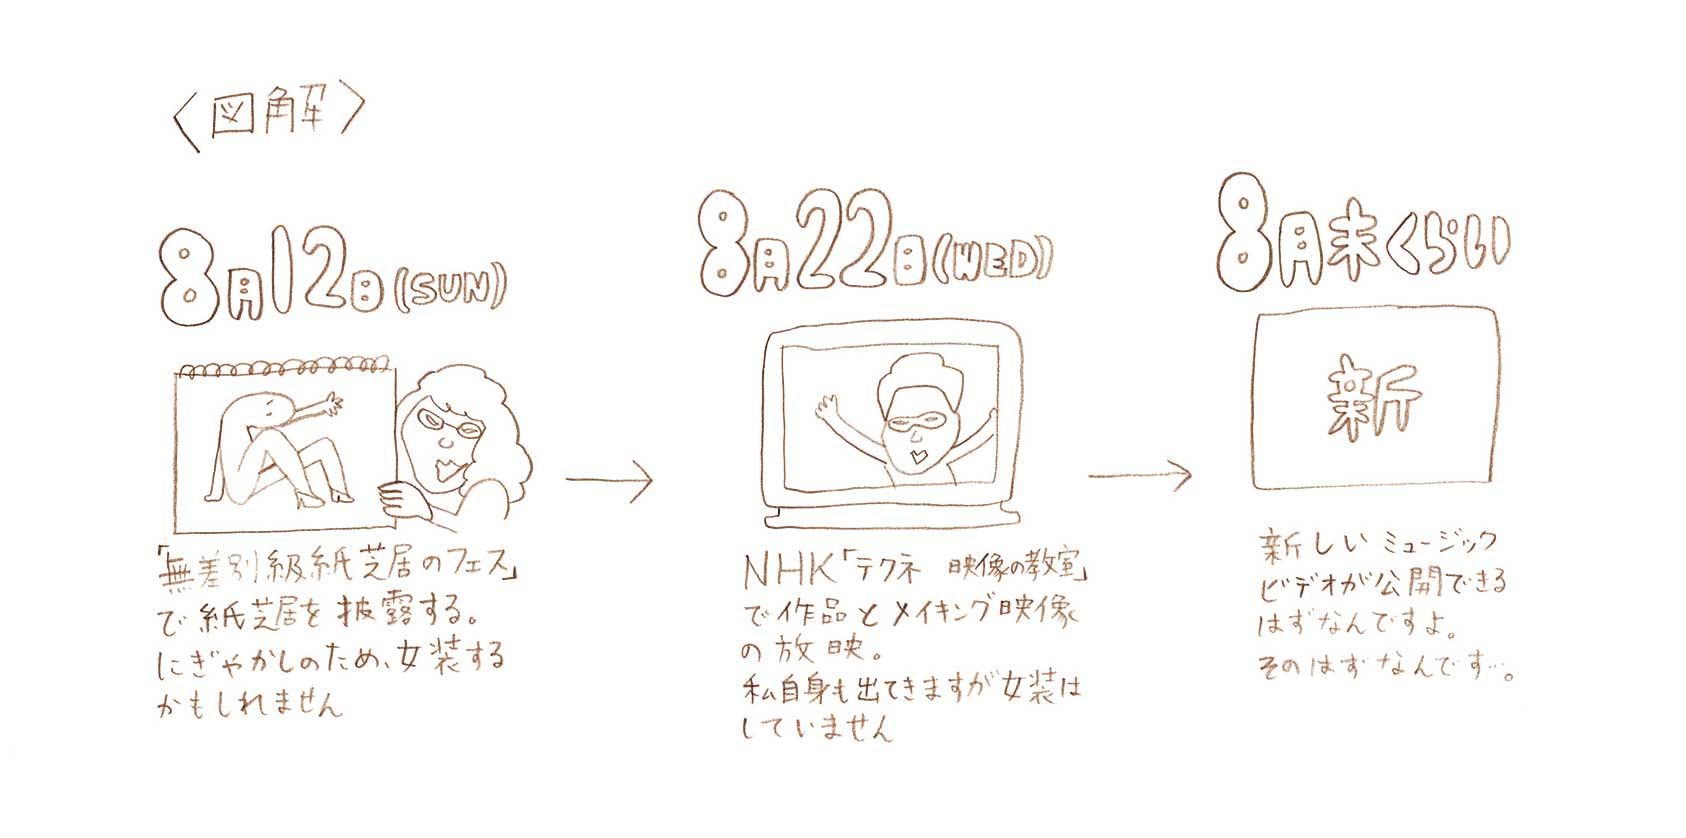 告知 :  NHKテクネの放映日22日(水)に変更、&12日の紙芝居の出番は20時15分ごろ_d0151007_22565240.jpg